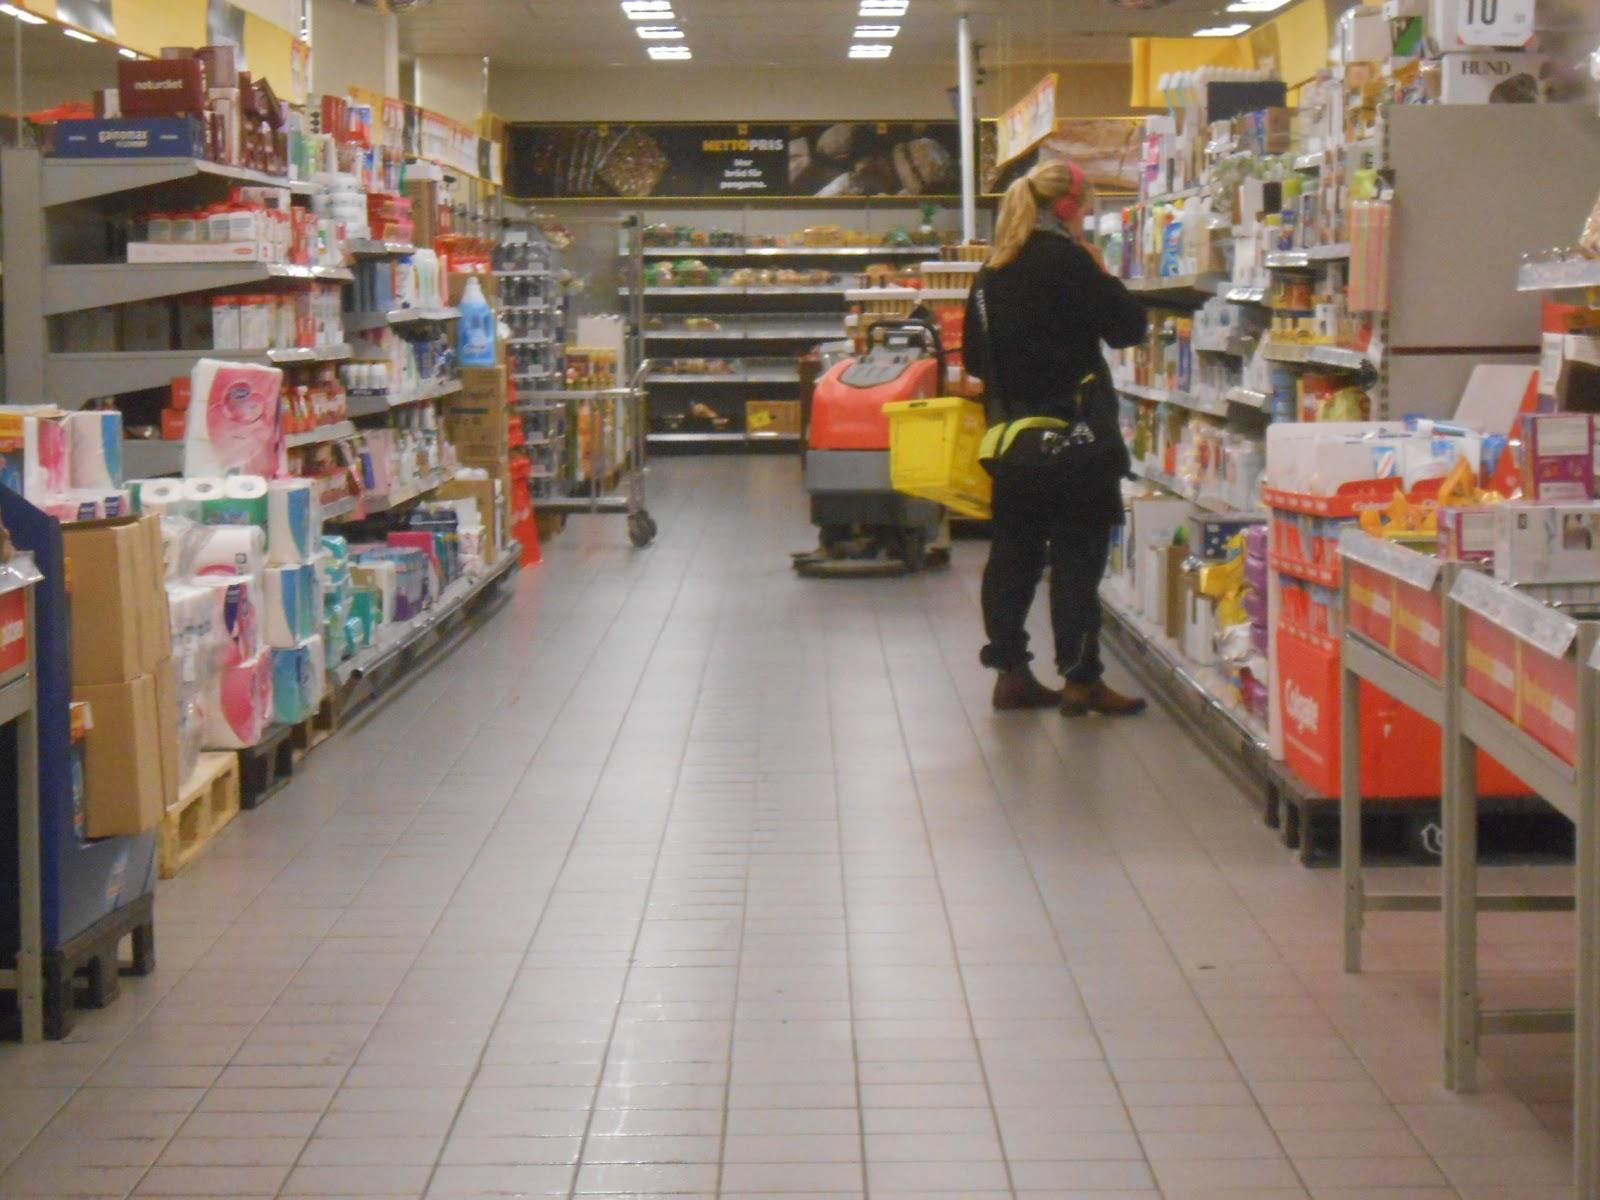 000fe637146b Vid halvåttasnåret brukar det inte vara så mycket kunder, kön växer sig  ändå lång då personalen är upptagen med städning och kassan står tom.